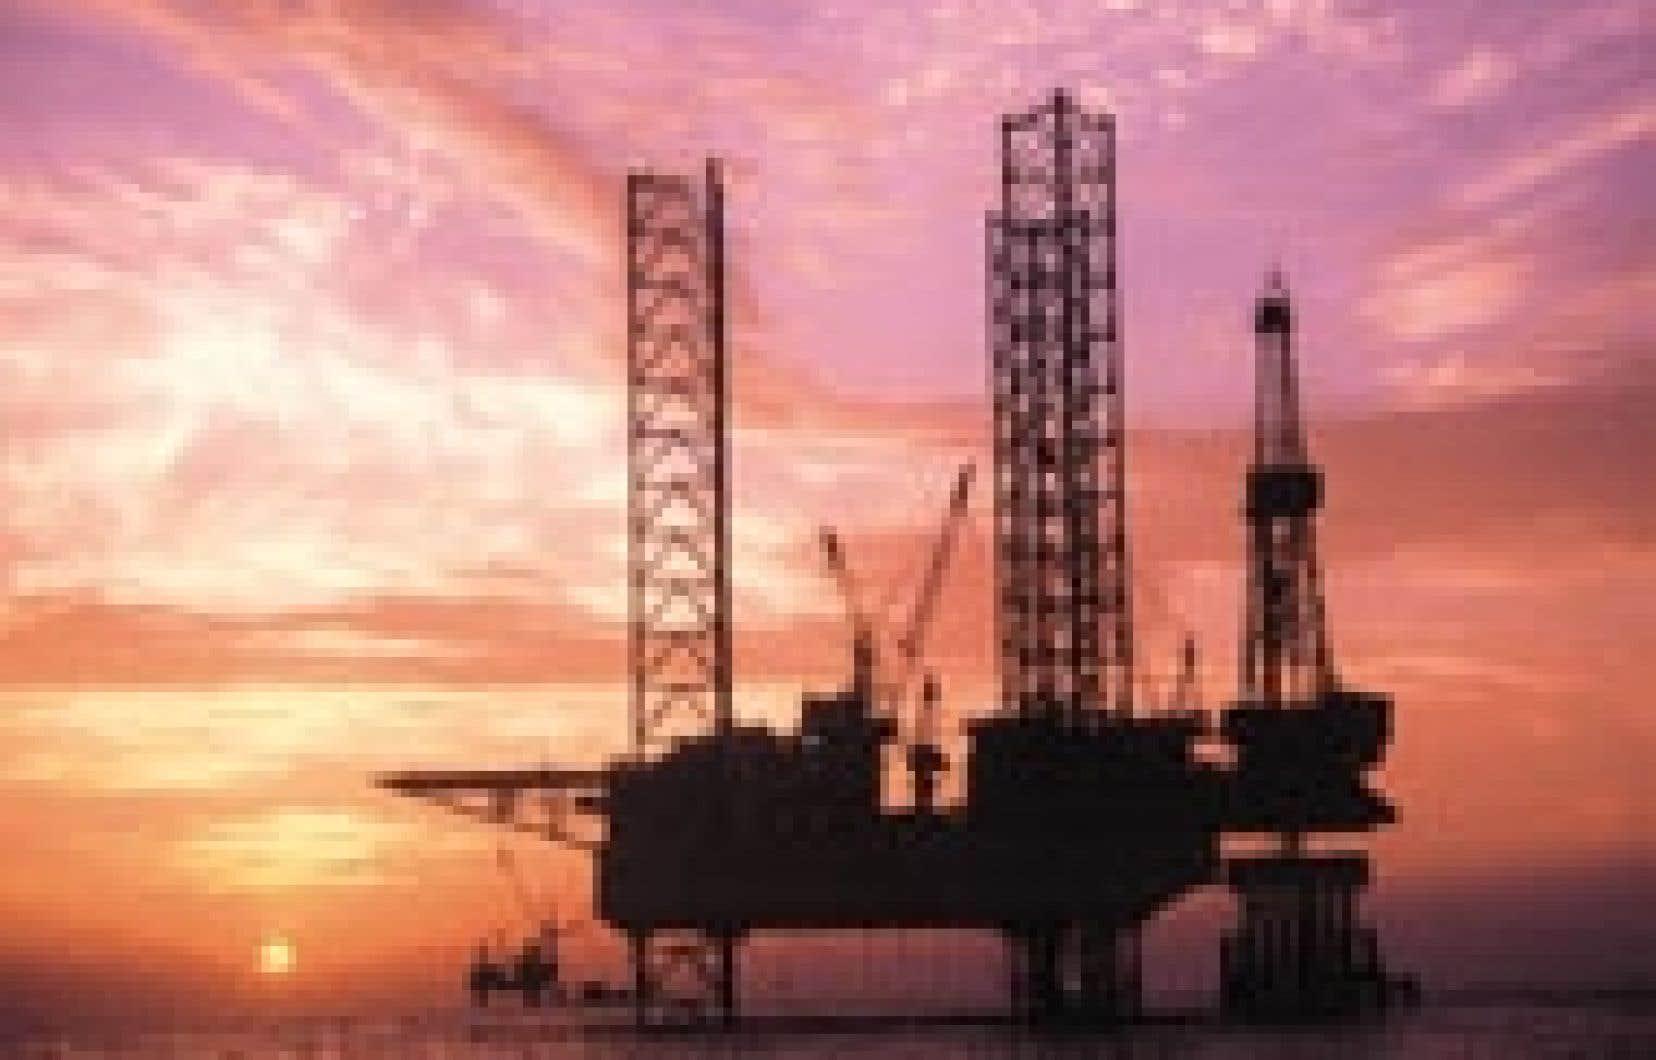 Une plateforme pétrolière de la China National Offshore Oil Corporation (CNOOC), dans la mer de Bohai. La société avait suscité un vif émoi aux États-Unis en lançant fin juin une offre de 18,5 milliards de dollars pour Unocal.